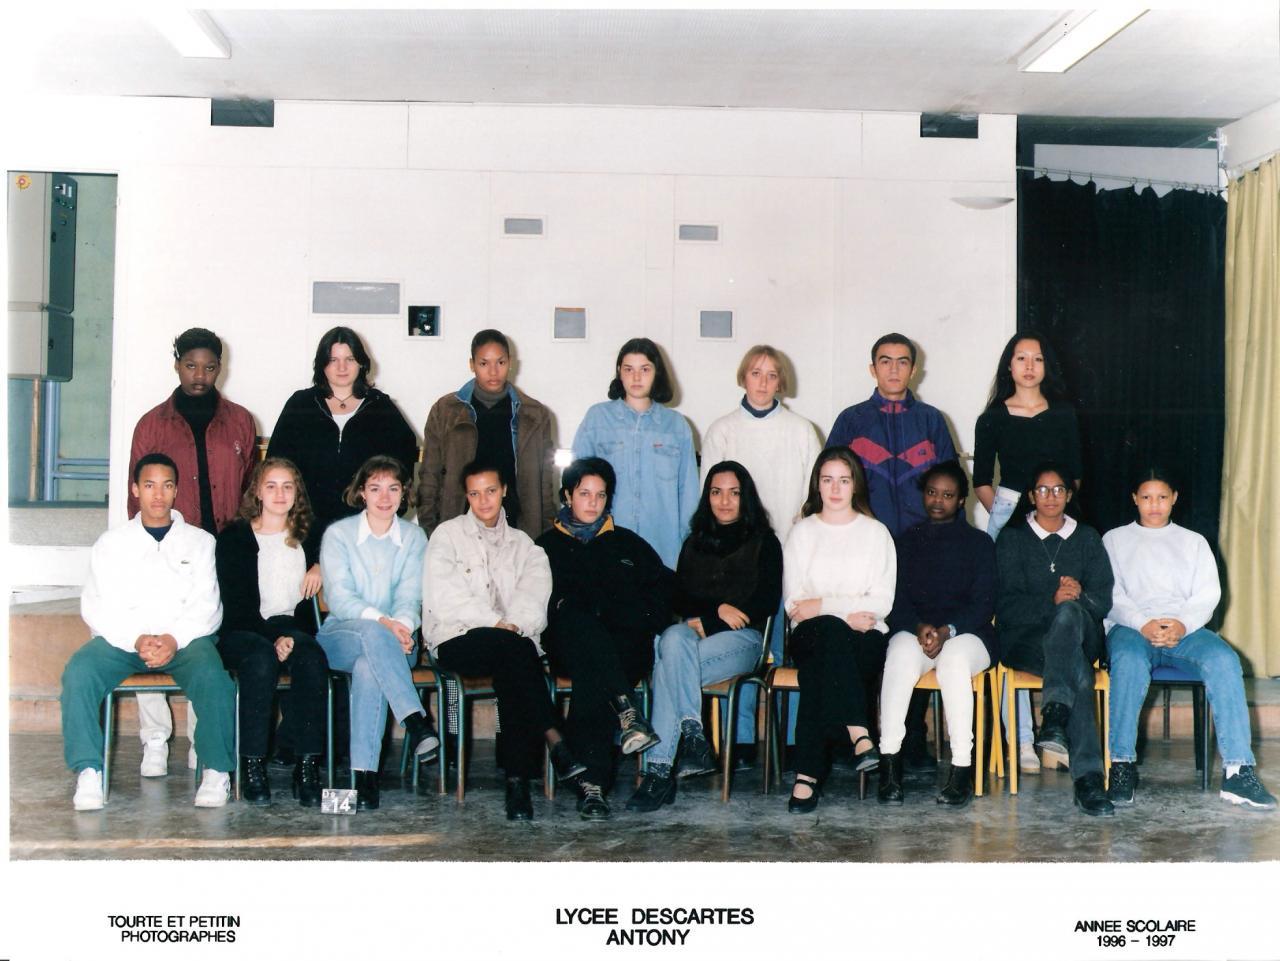 1997 - 1STT2 - TOURTE